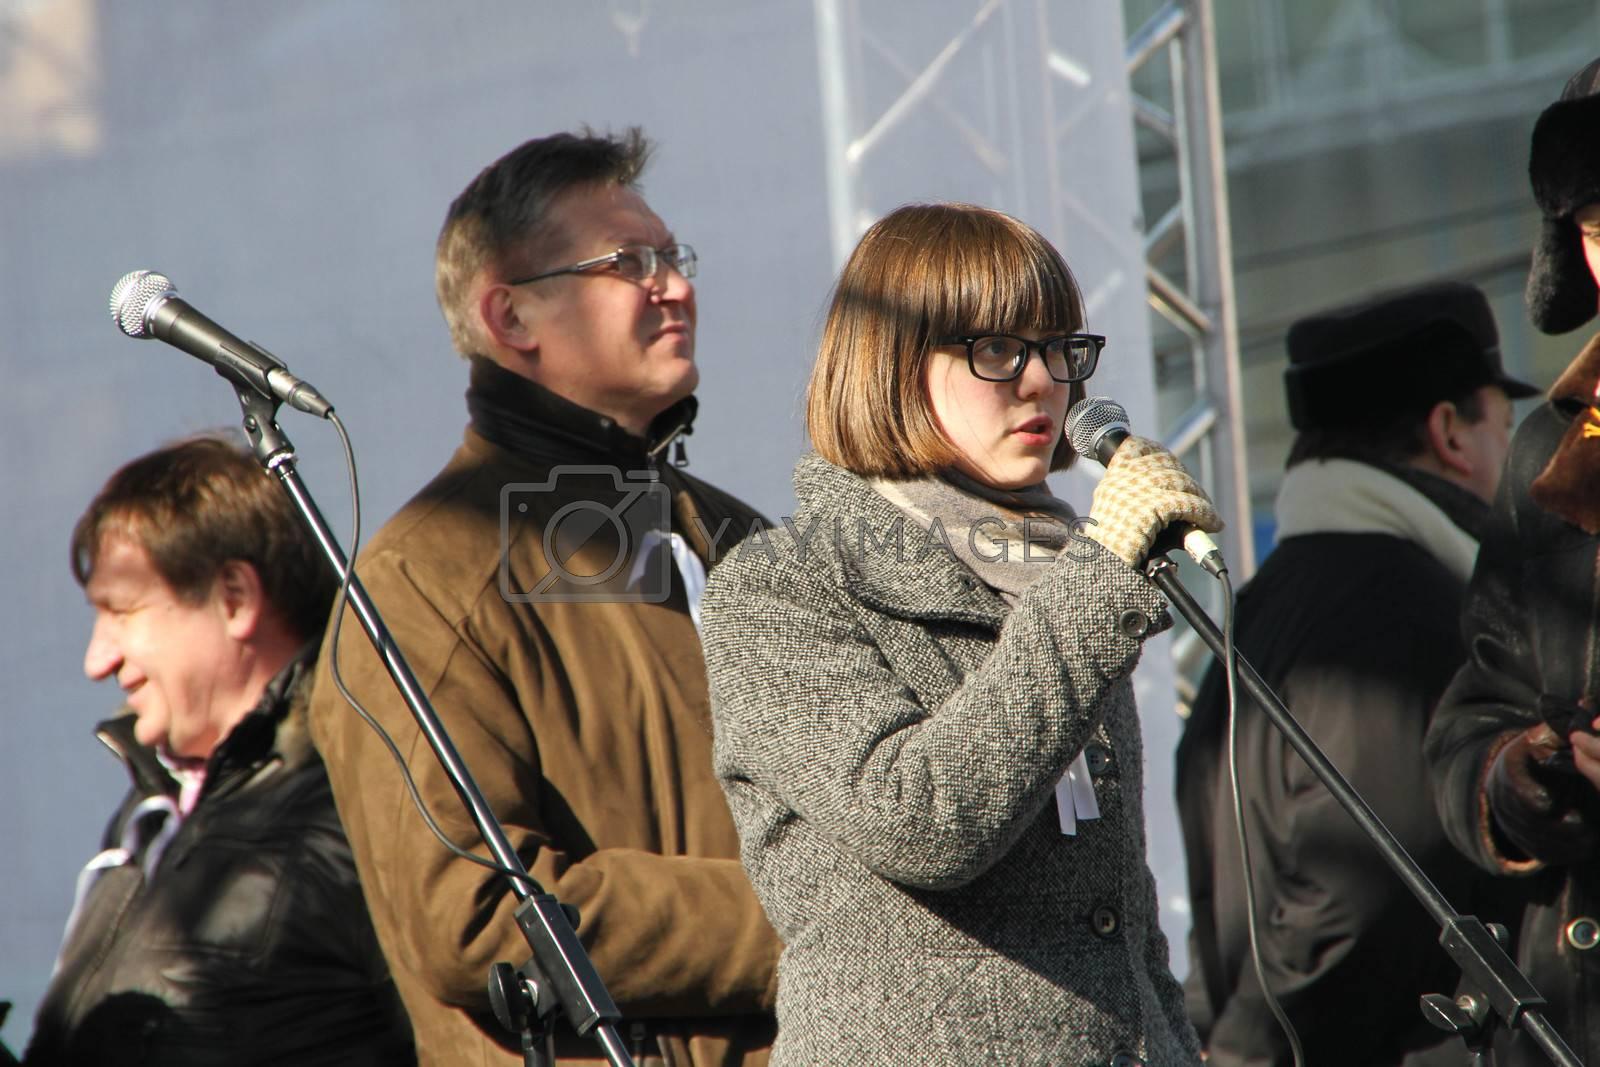 Municipal MP Vera Kichanova by olegkozyrev